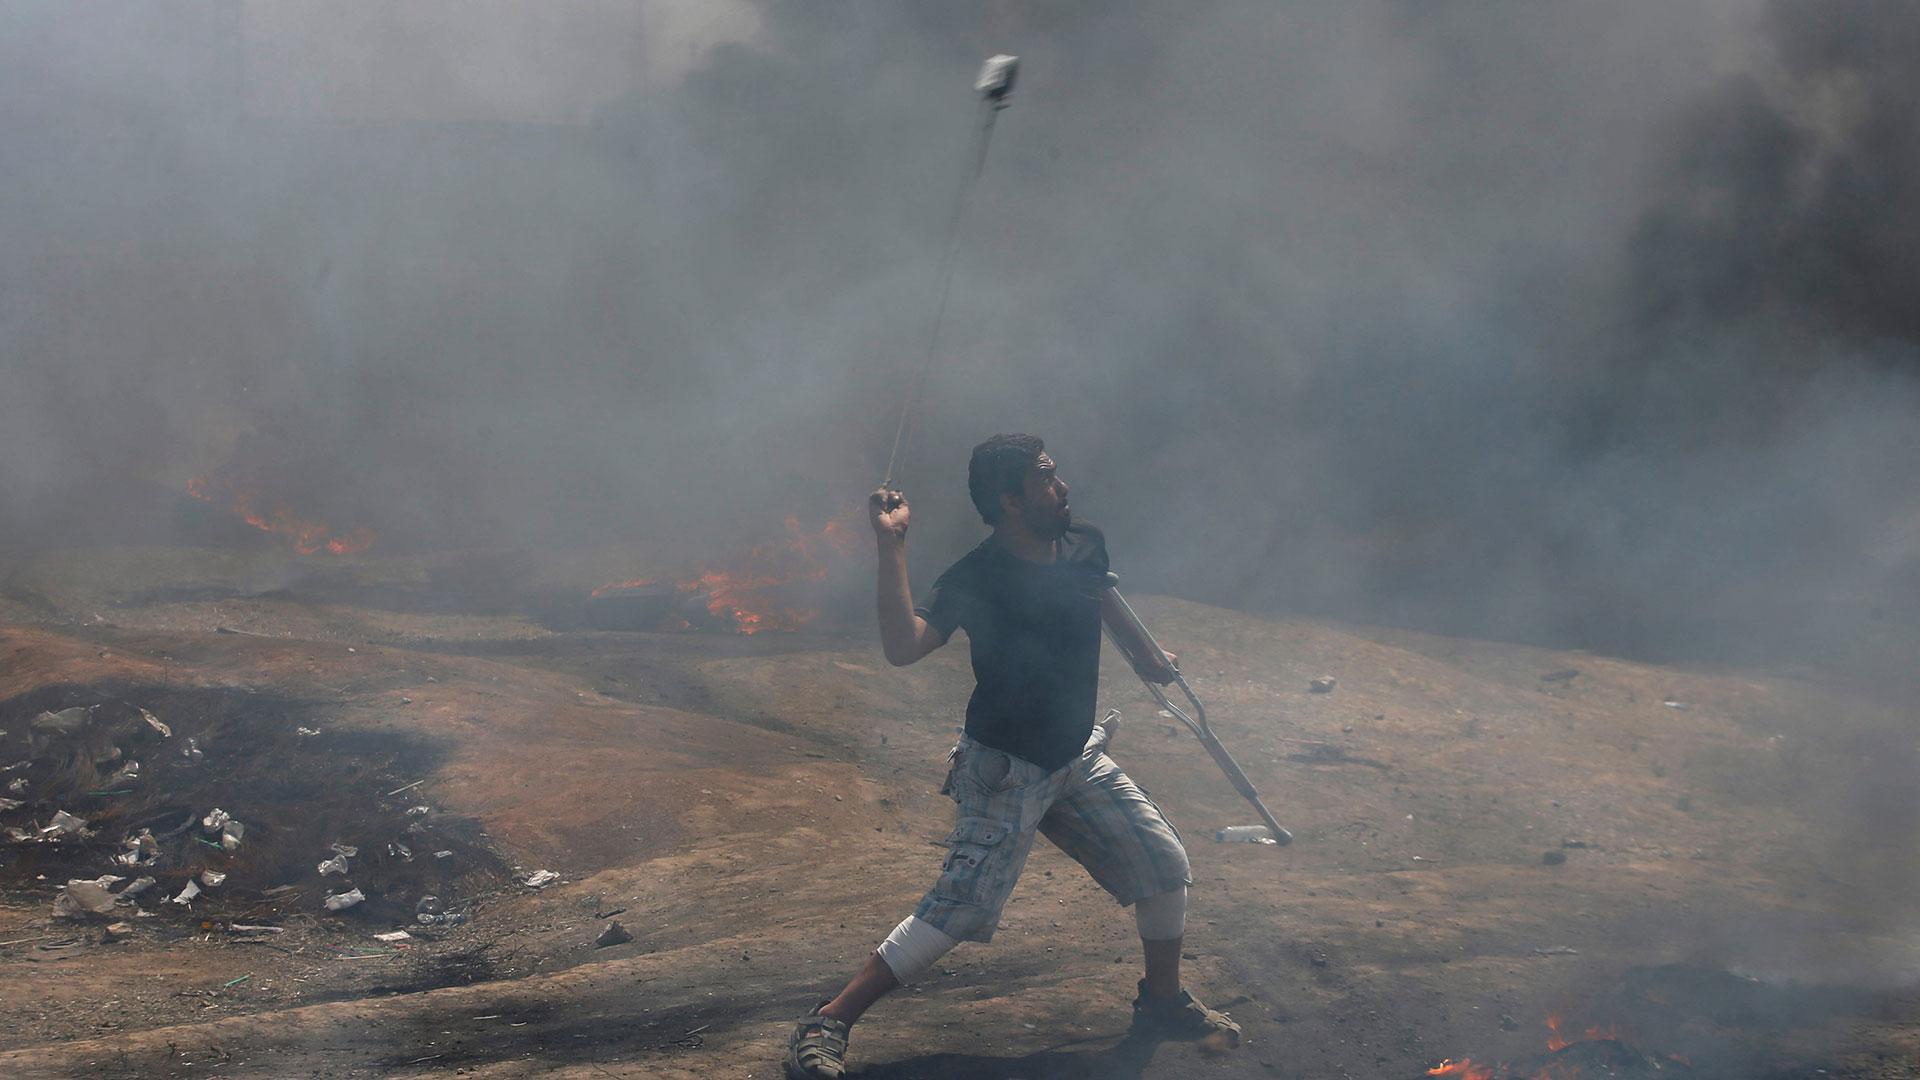 Un hombre lanzando piedras contra los soldados israelíes en Gaza (Reuters)